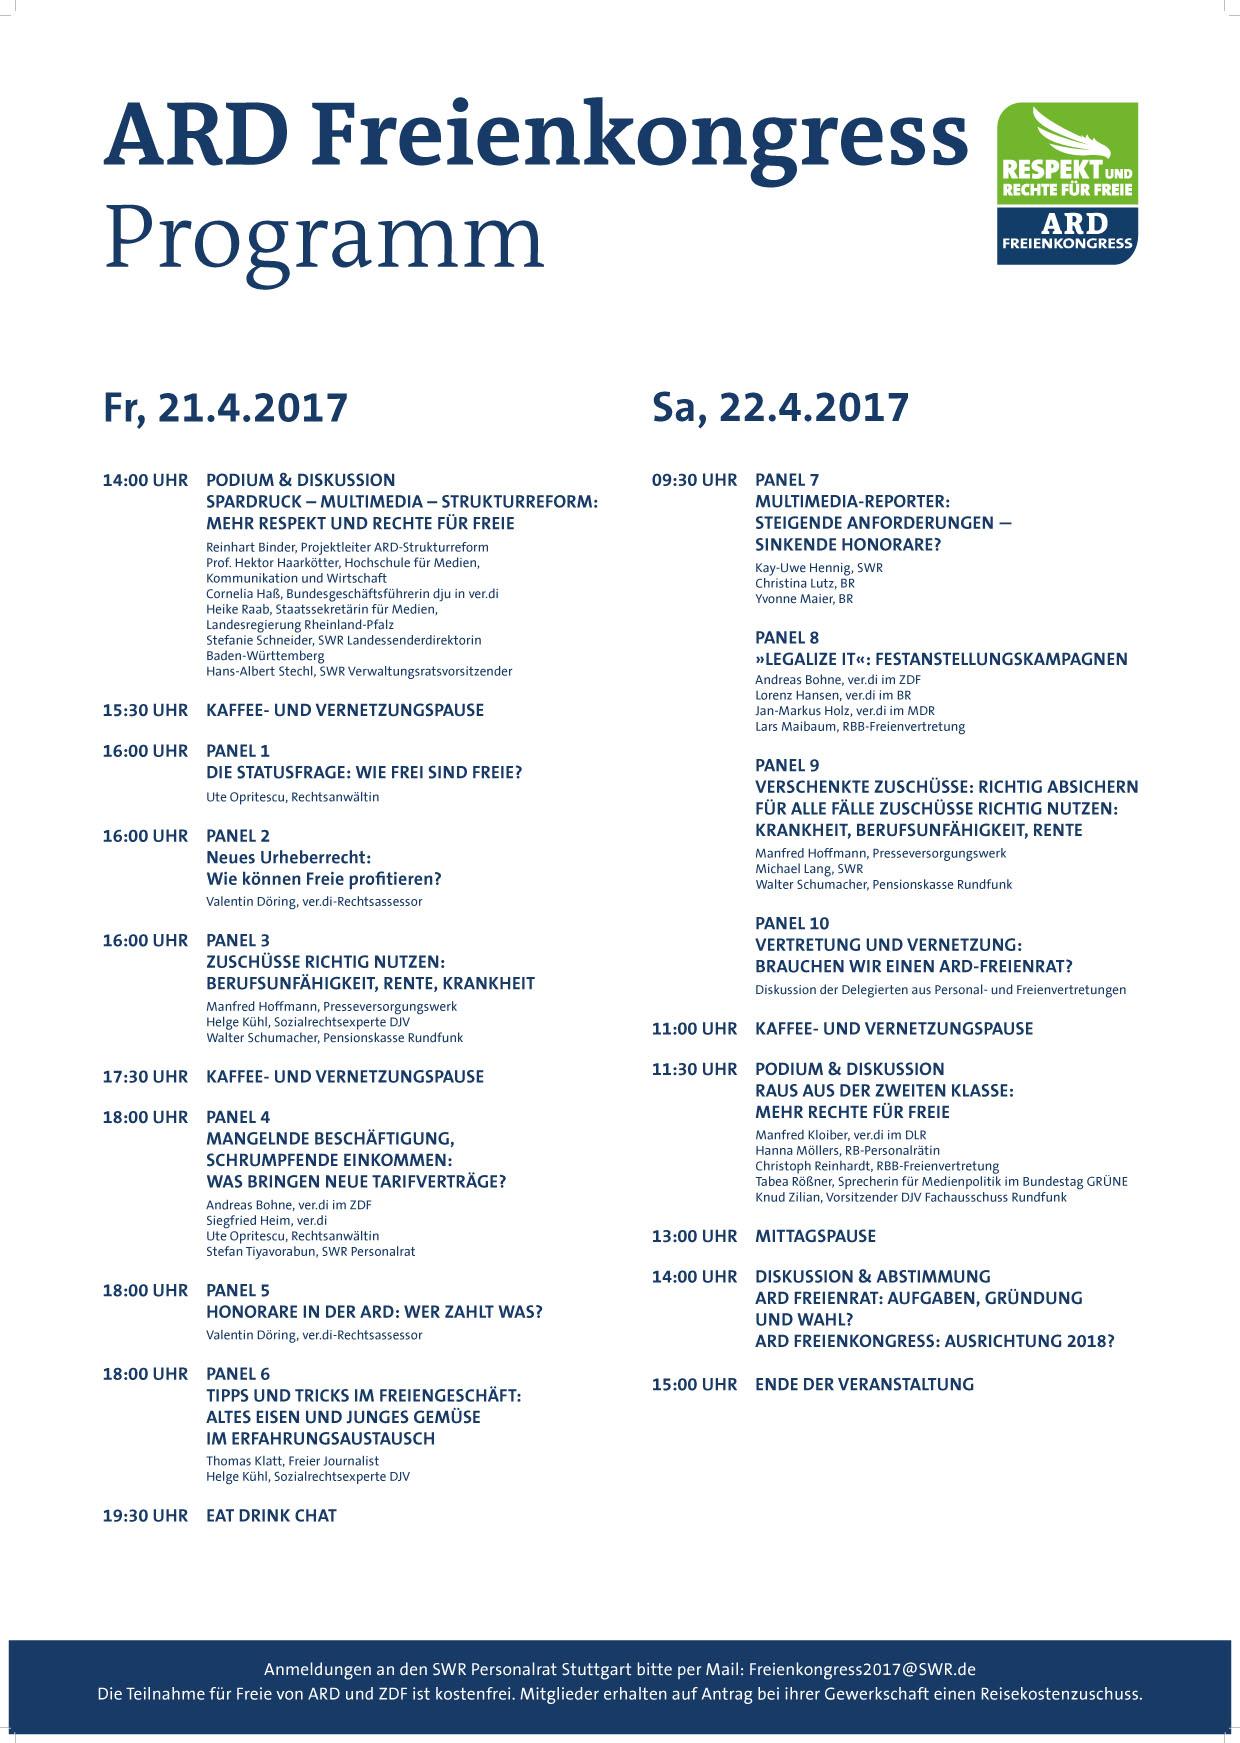 Plakat_ARD_Freienkongress_2017_Programm